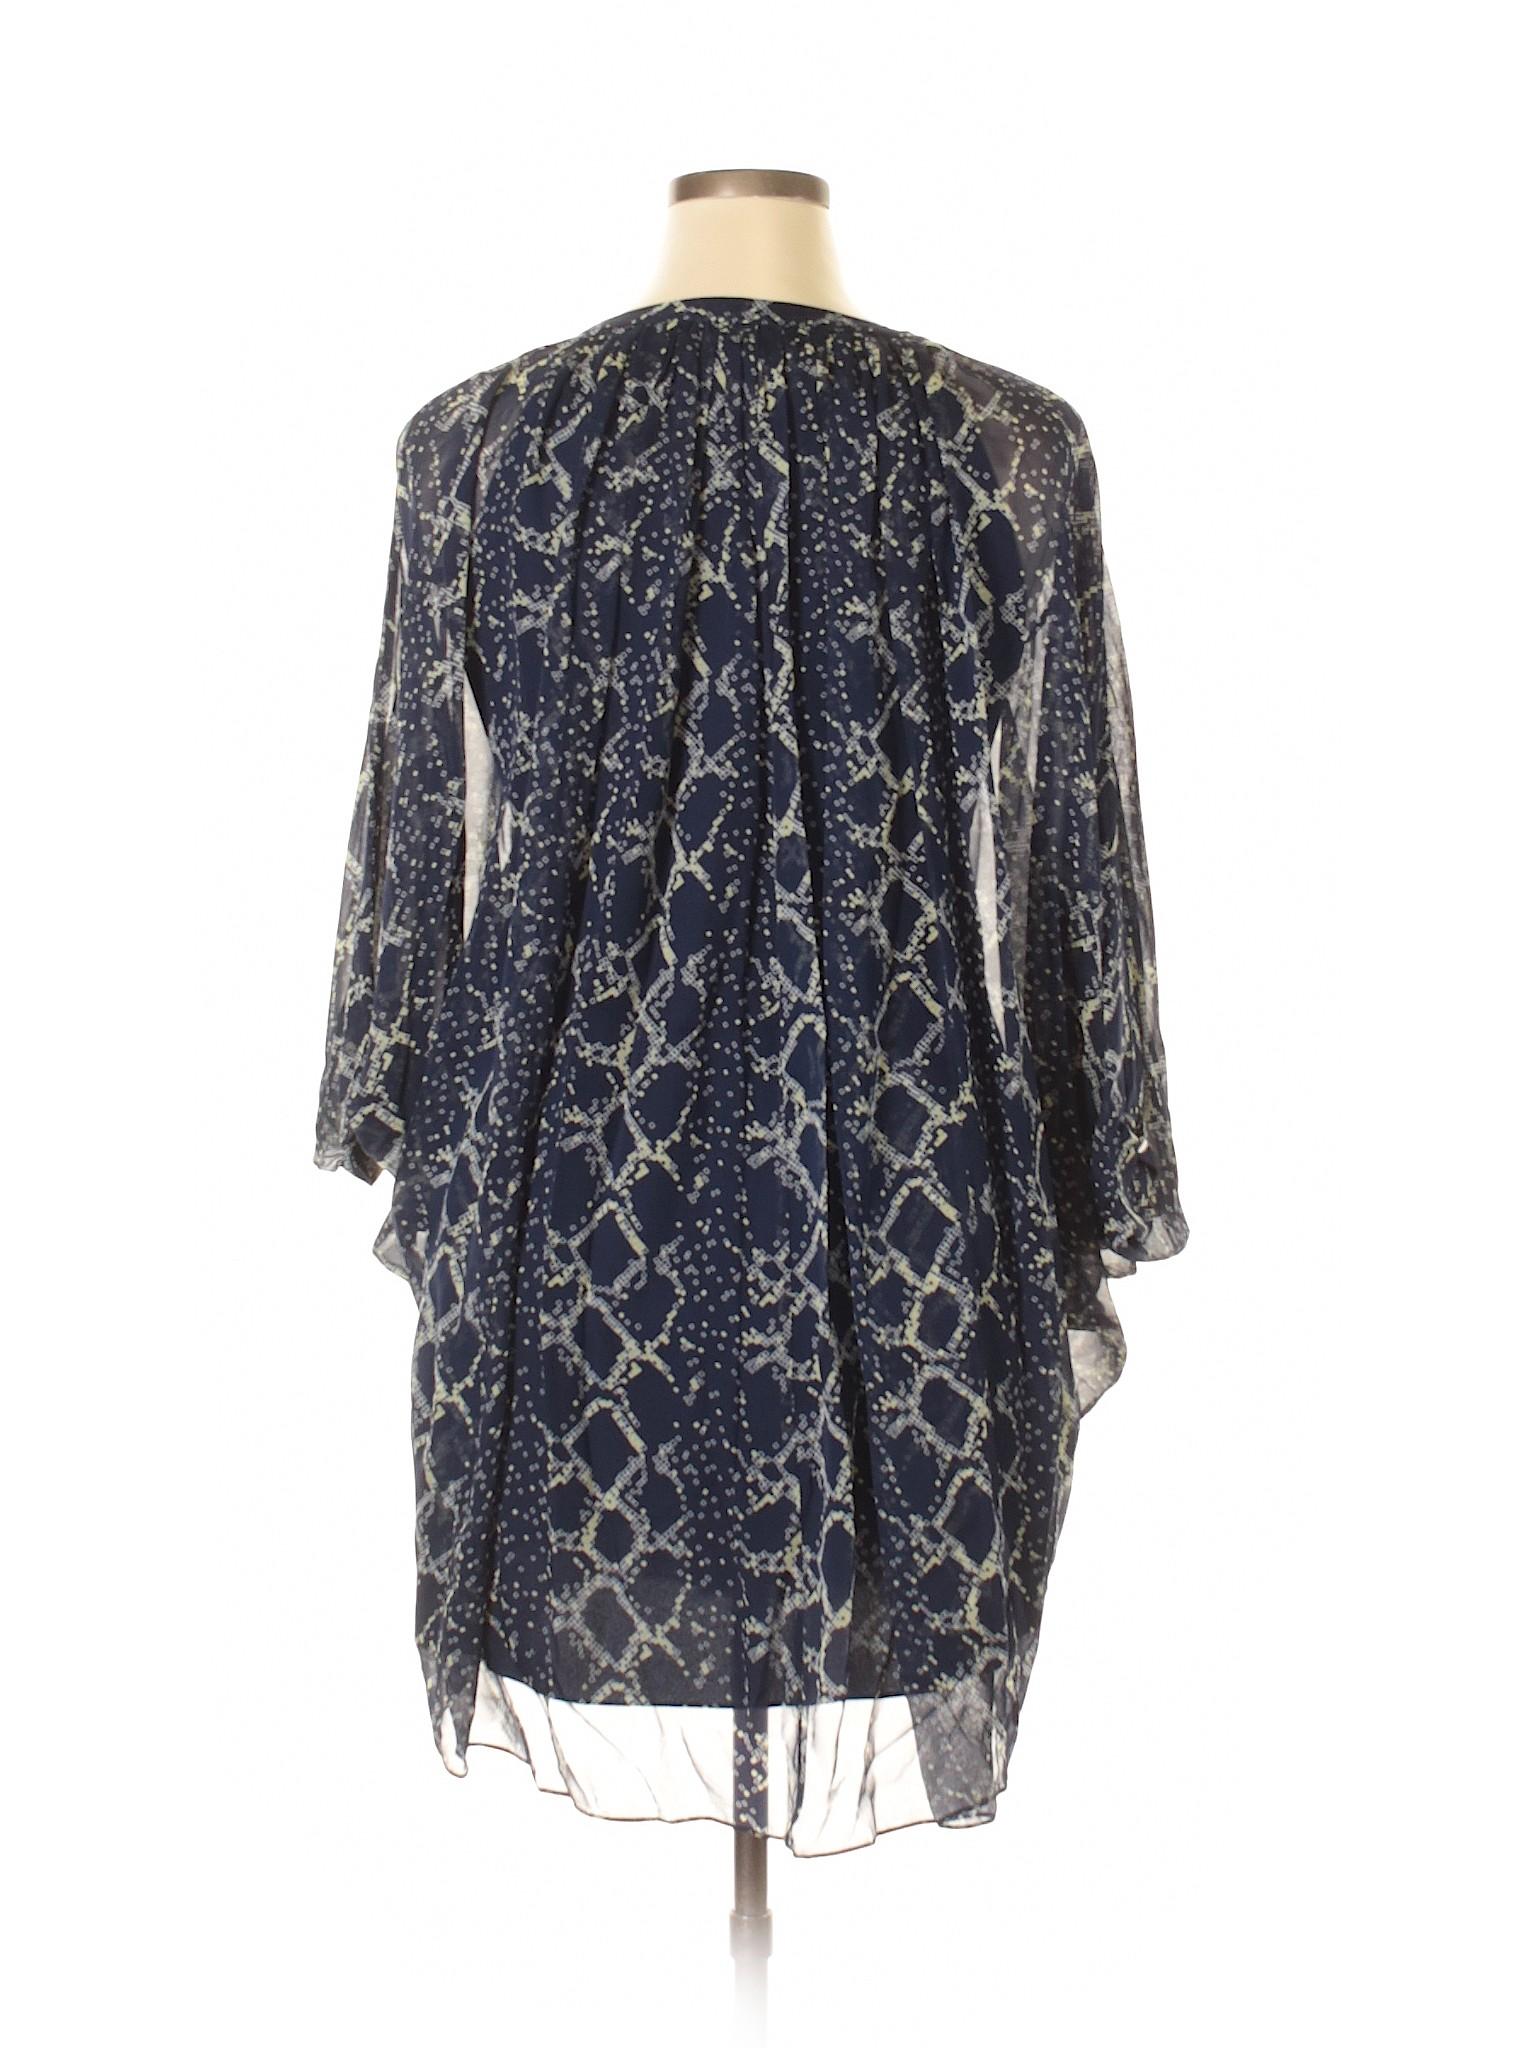 Boutique von Casual Dress winter Diane Furstenberg fRqEwfrY